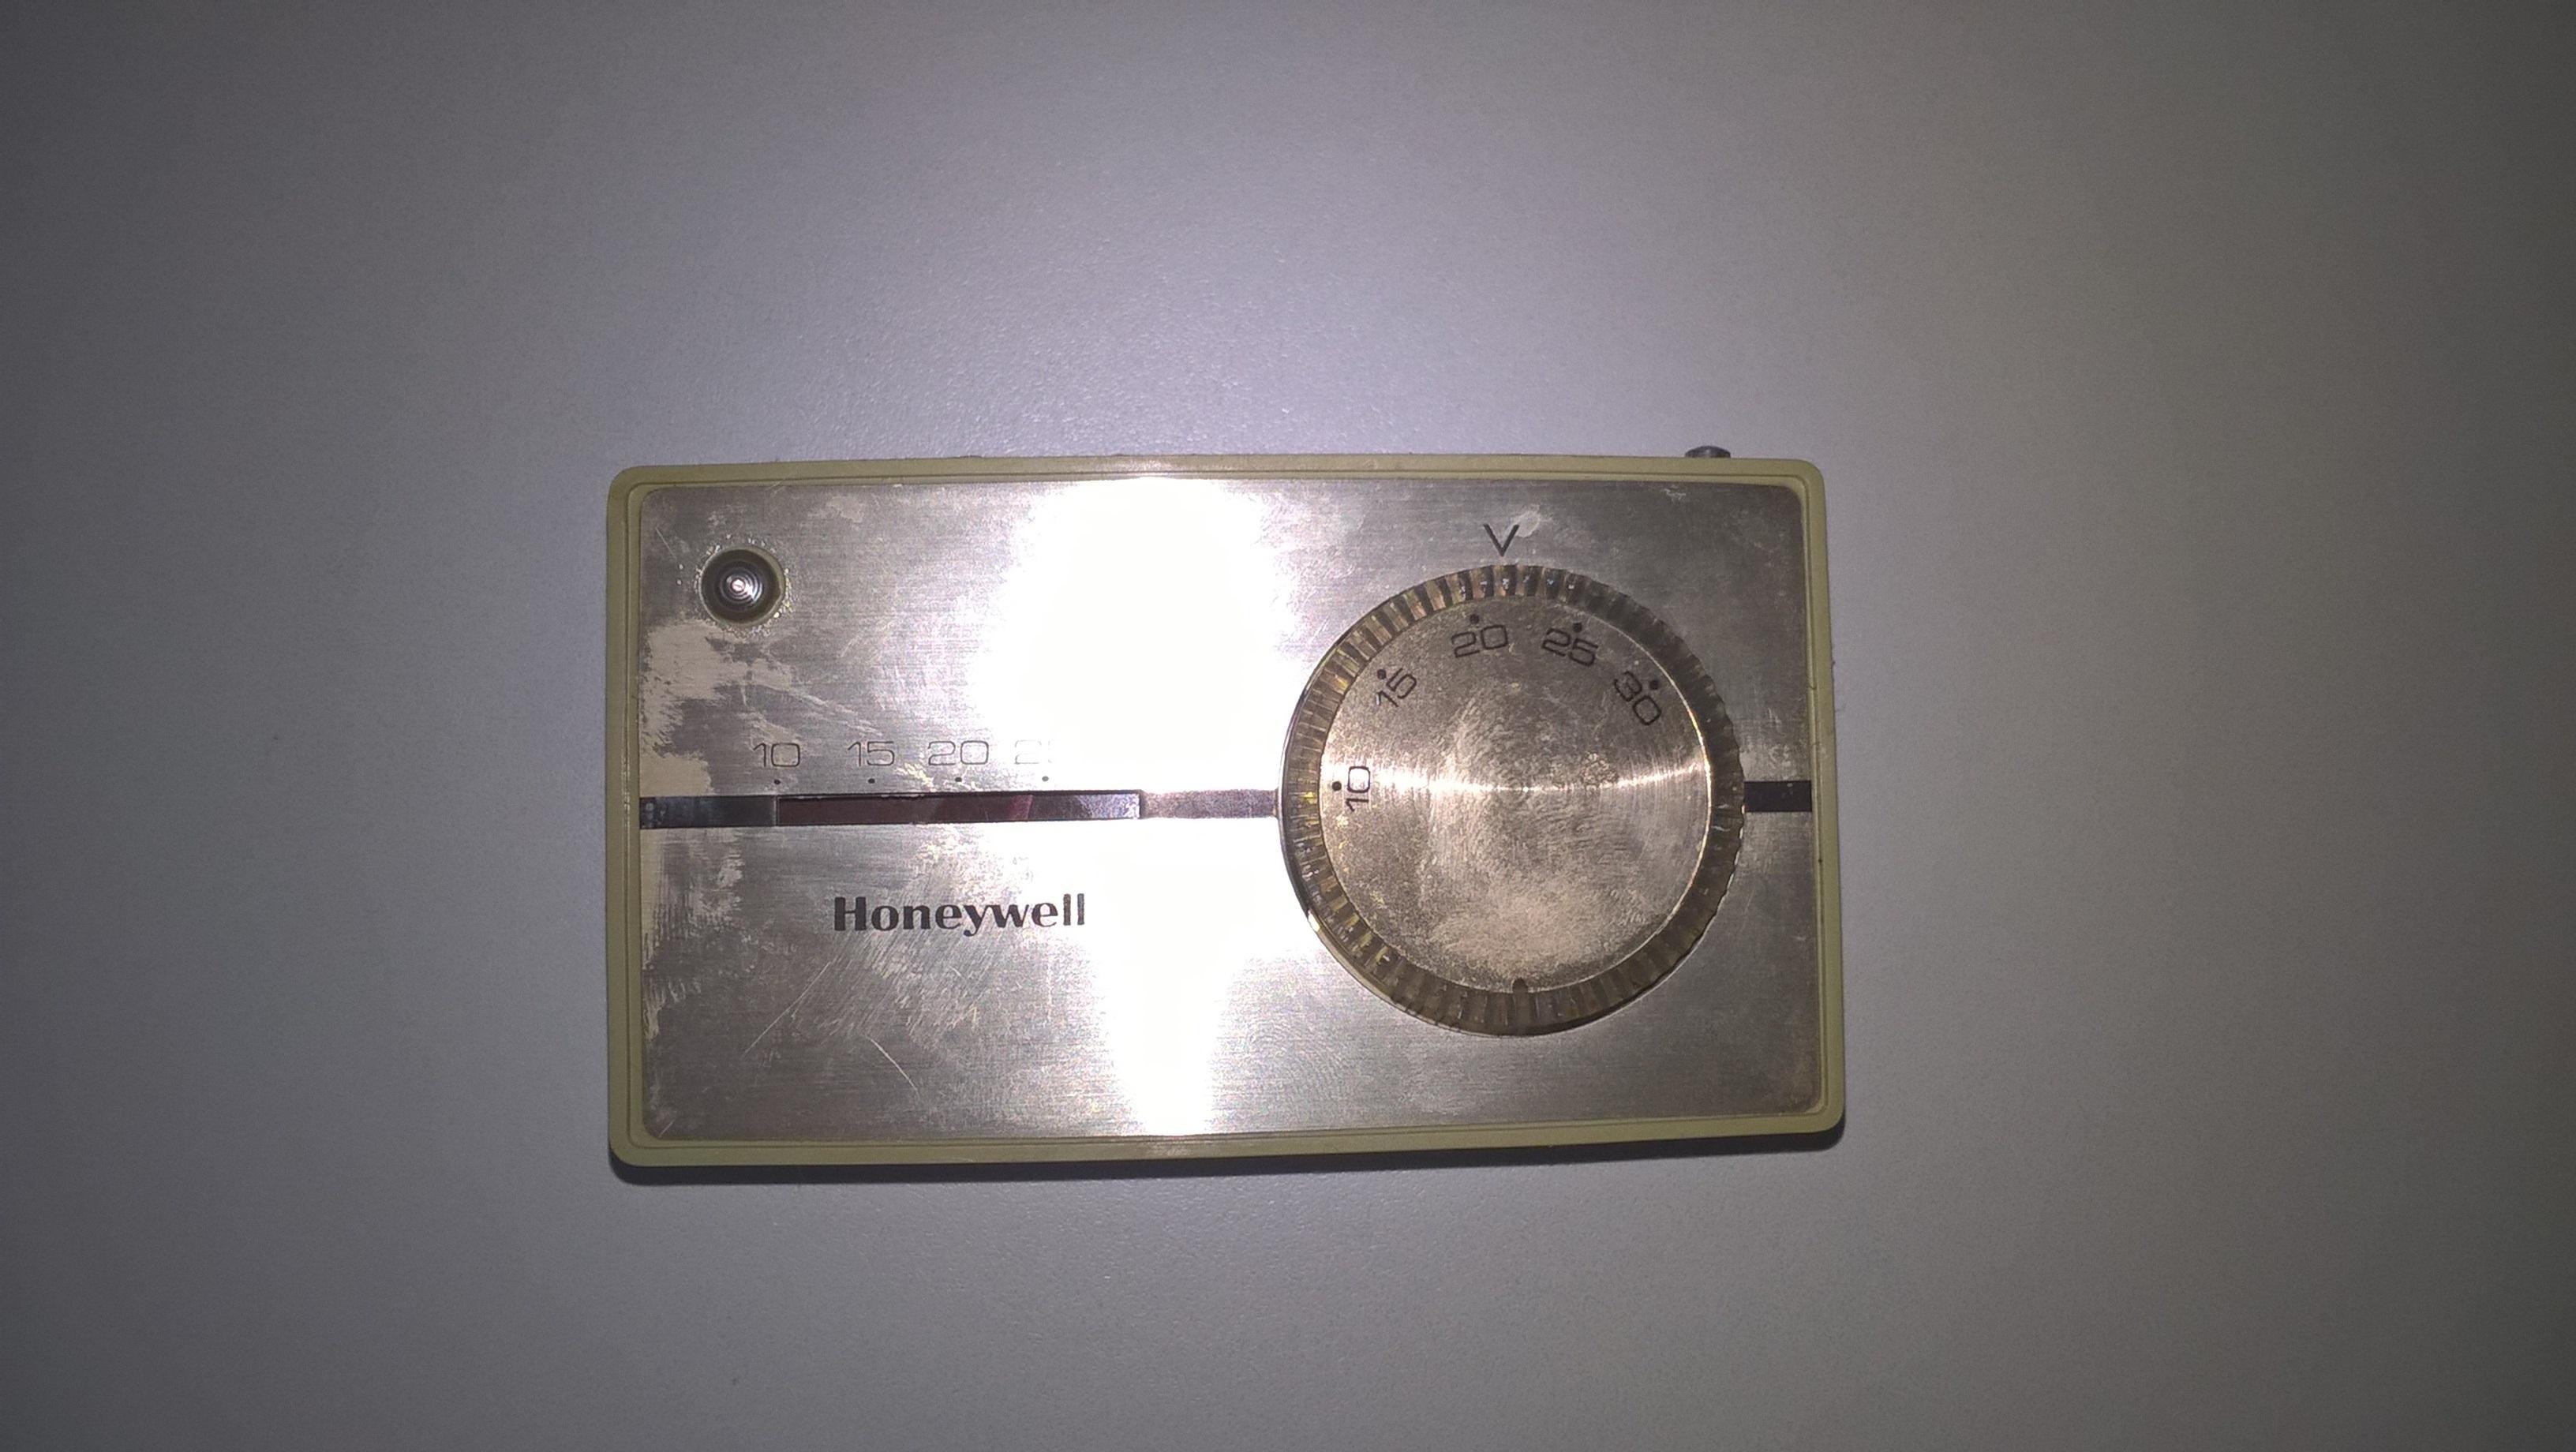 altes Raumthermostat austauschen - benötige Hilfe - HaustechnikDialog